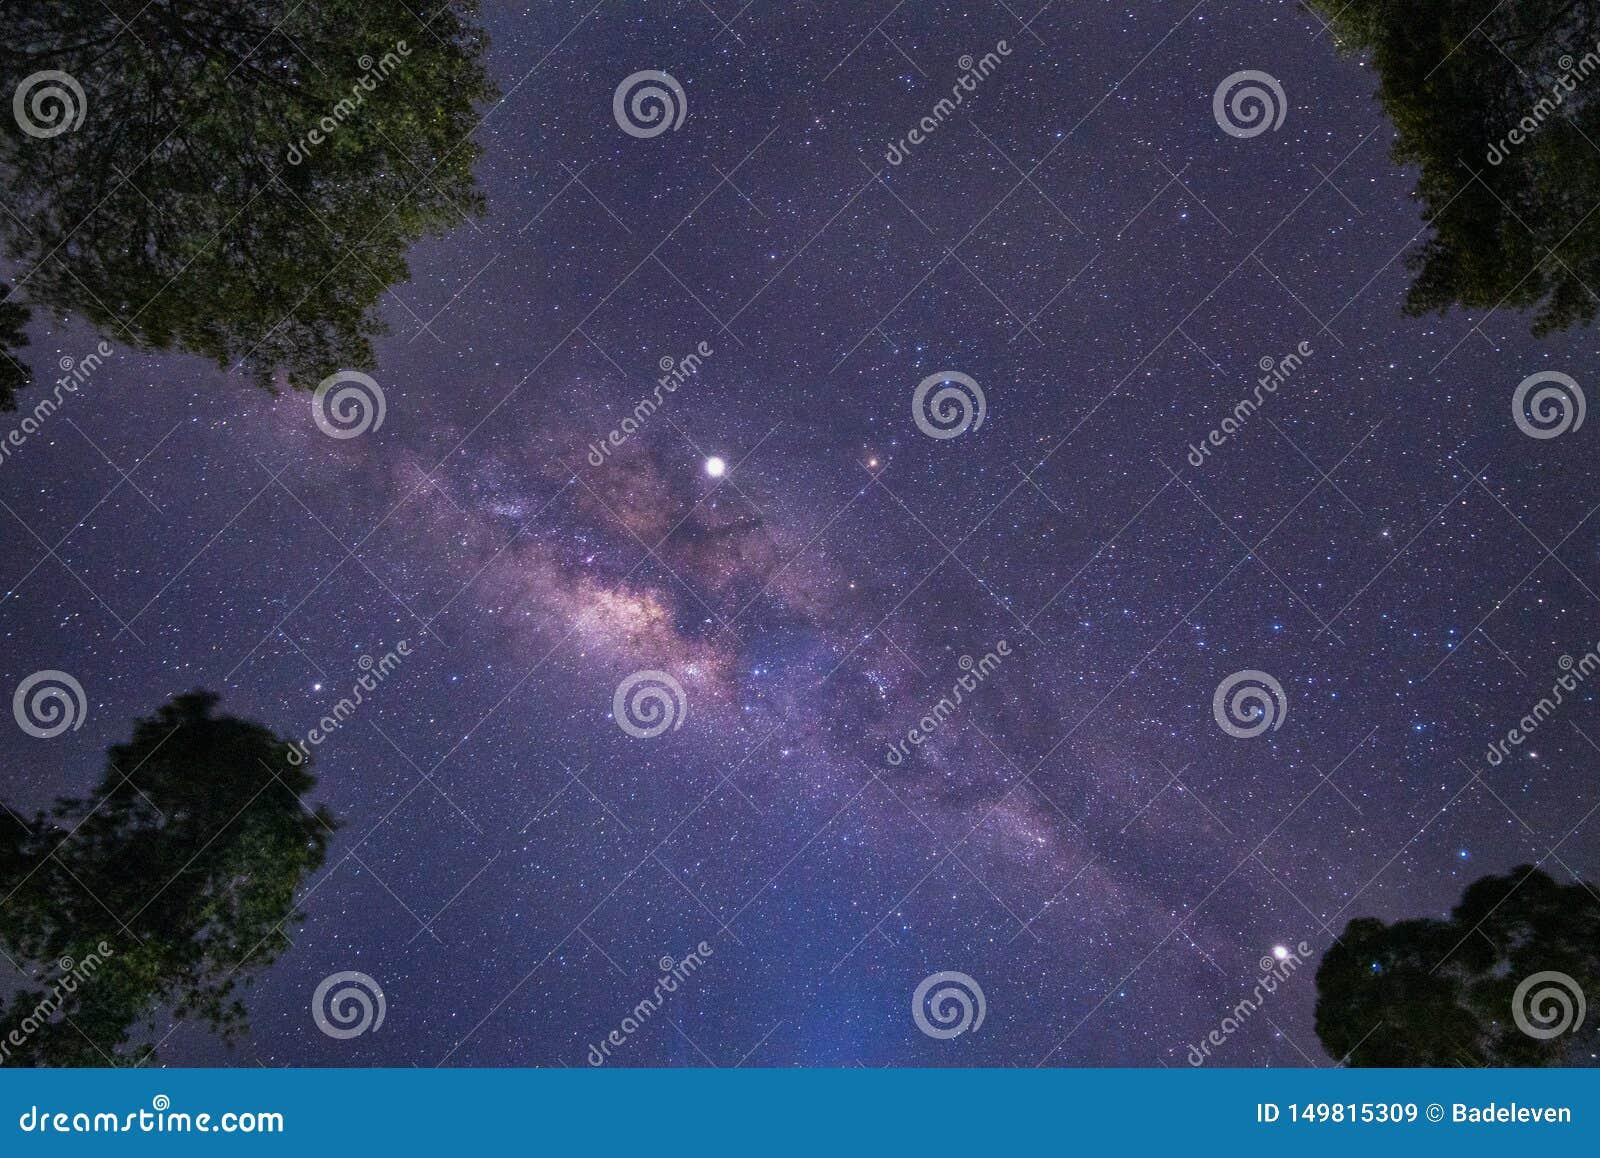 Яркое ночное небо с ясными разбросанными звездами